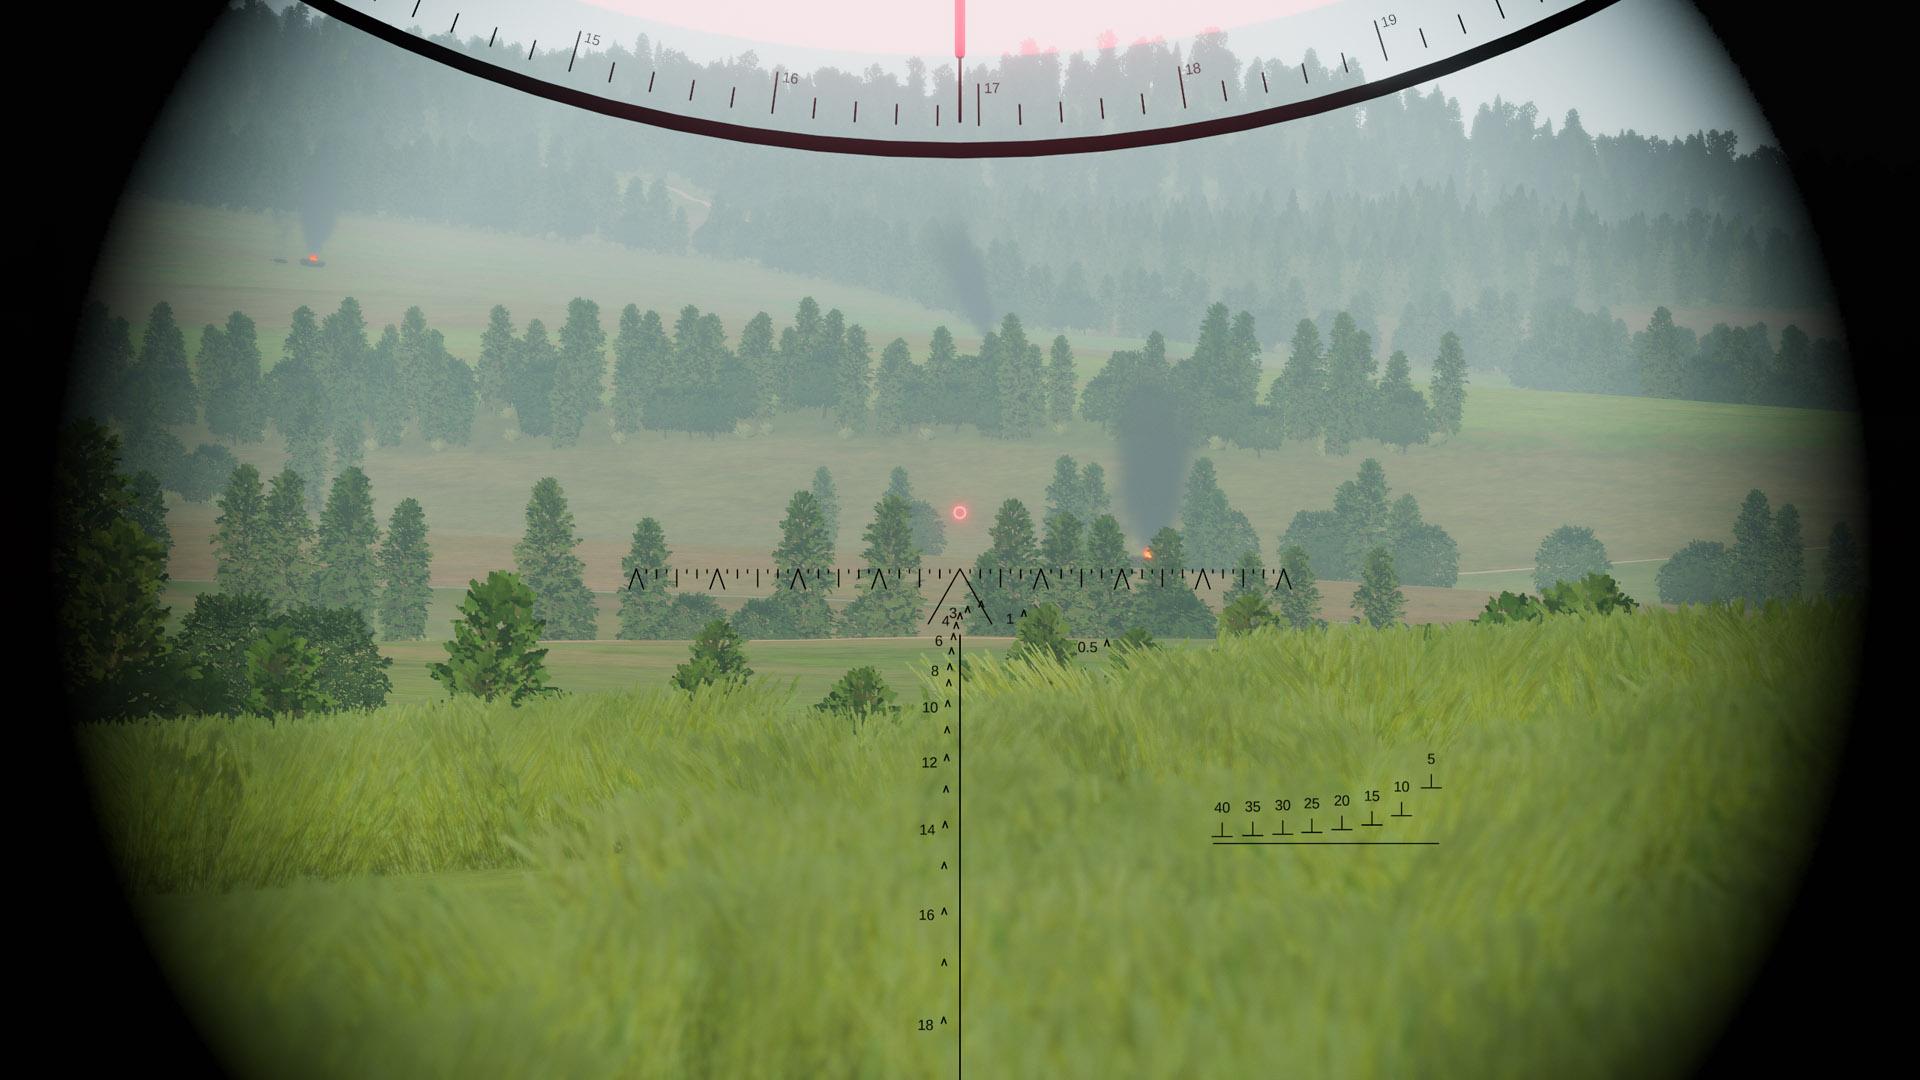 TPD-K1 gunner's view